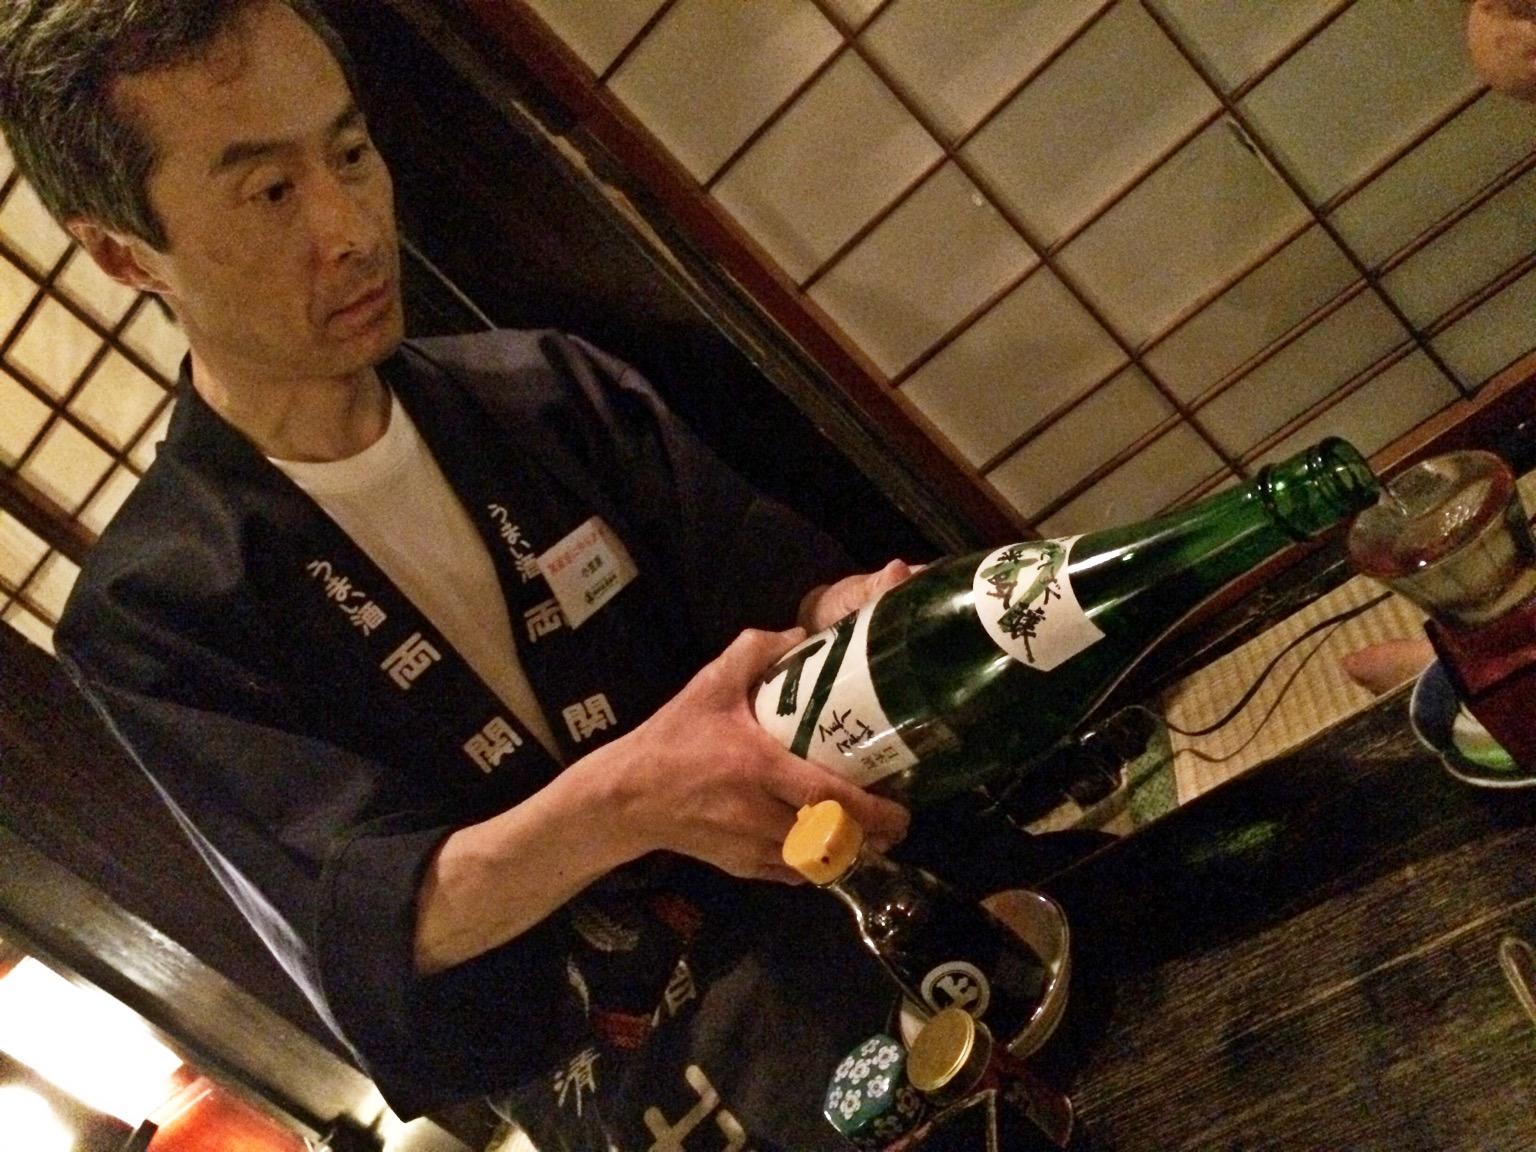 米どころ秋田は日本酒も旨い。 こちらは秋田やまとしずく純米吟醸。